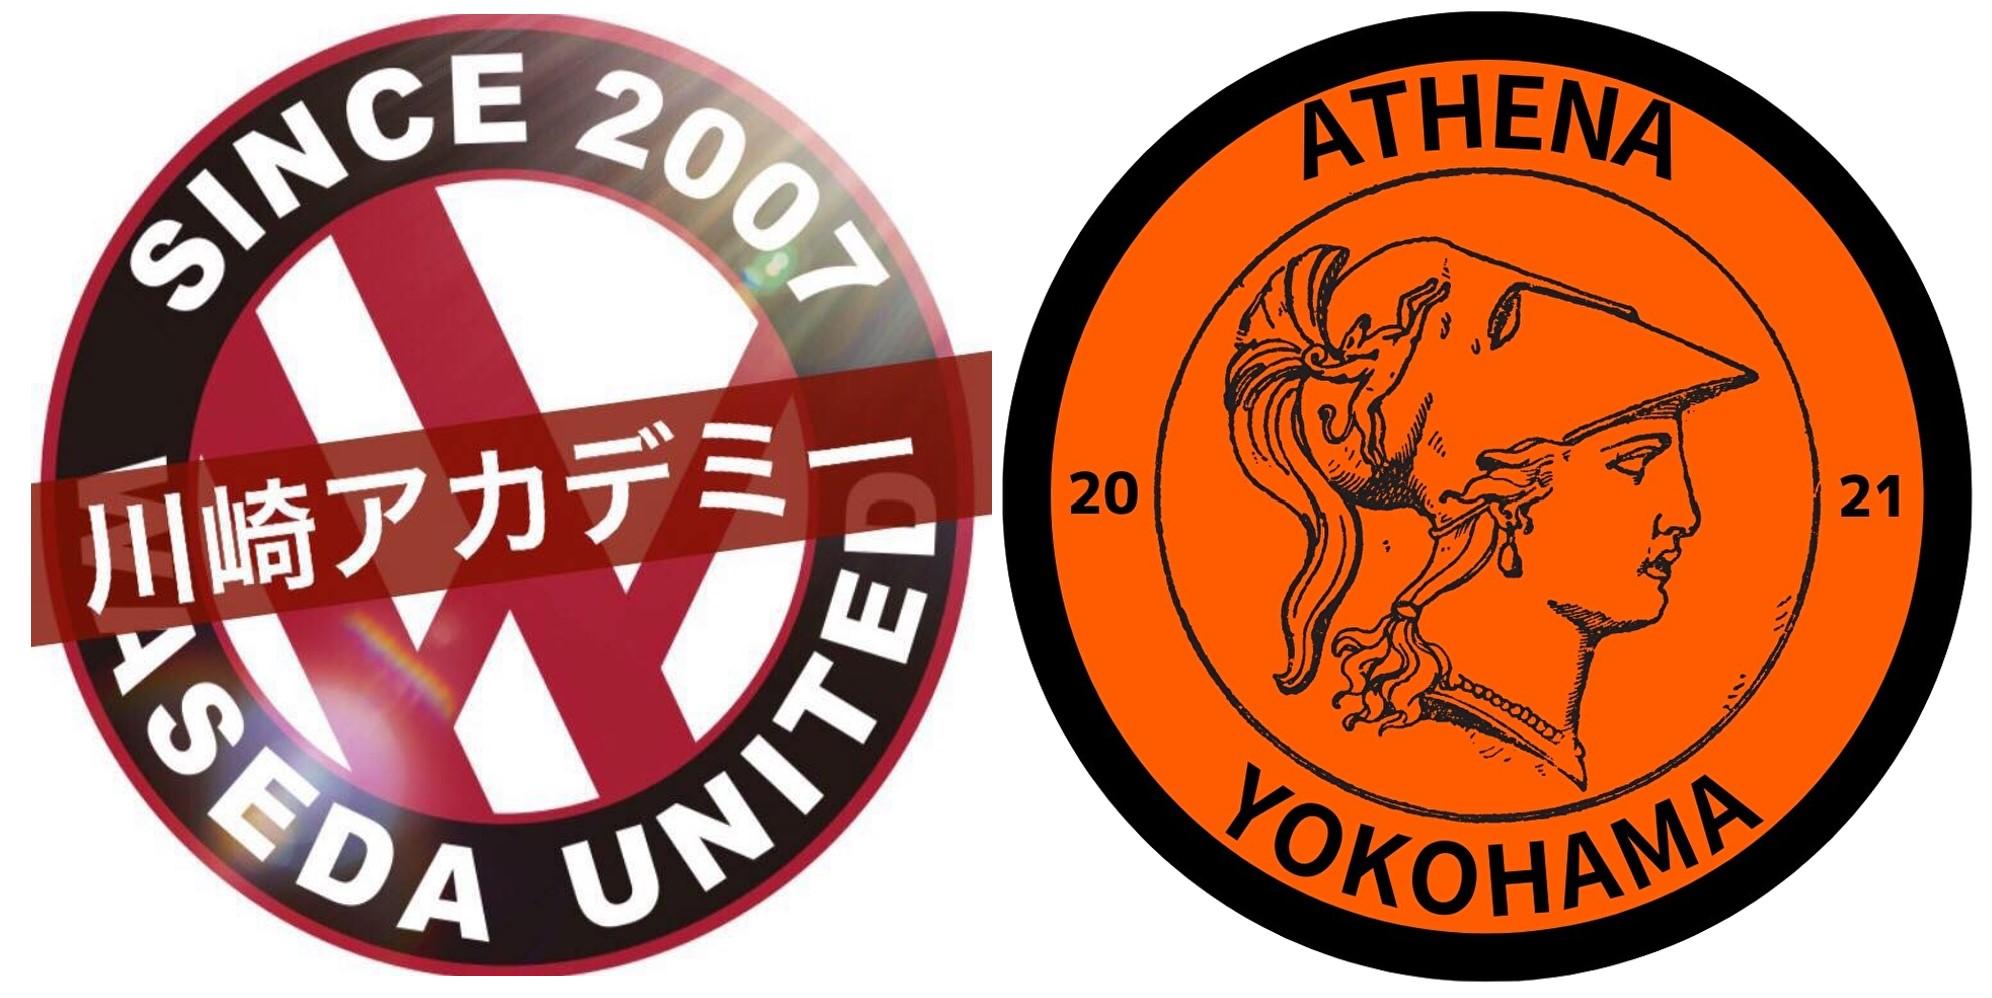 【広報】早稲田ユナイテッド川崎とATHENA FCの業務提携のお知らせ